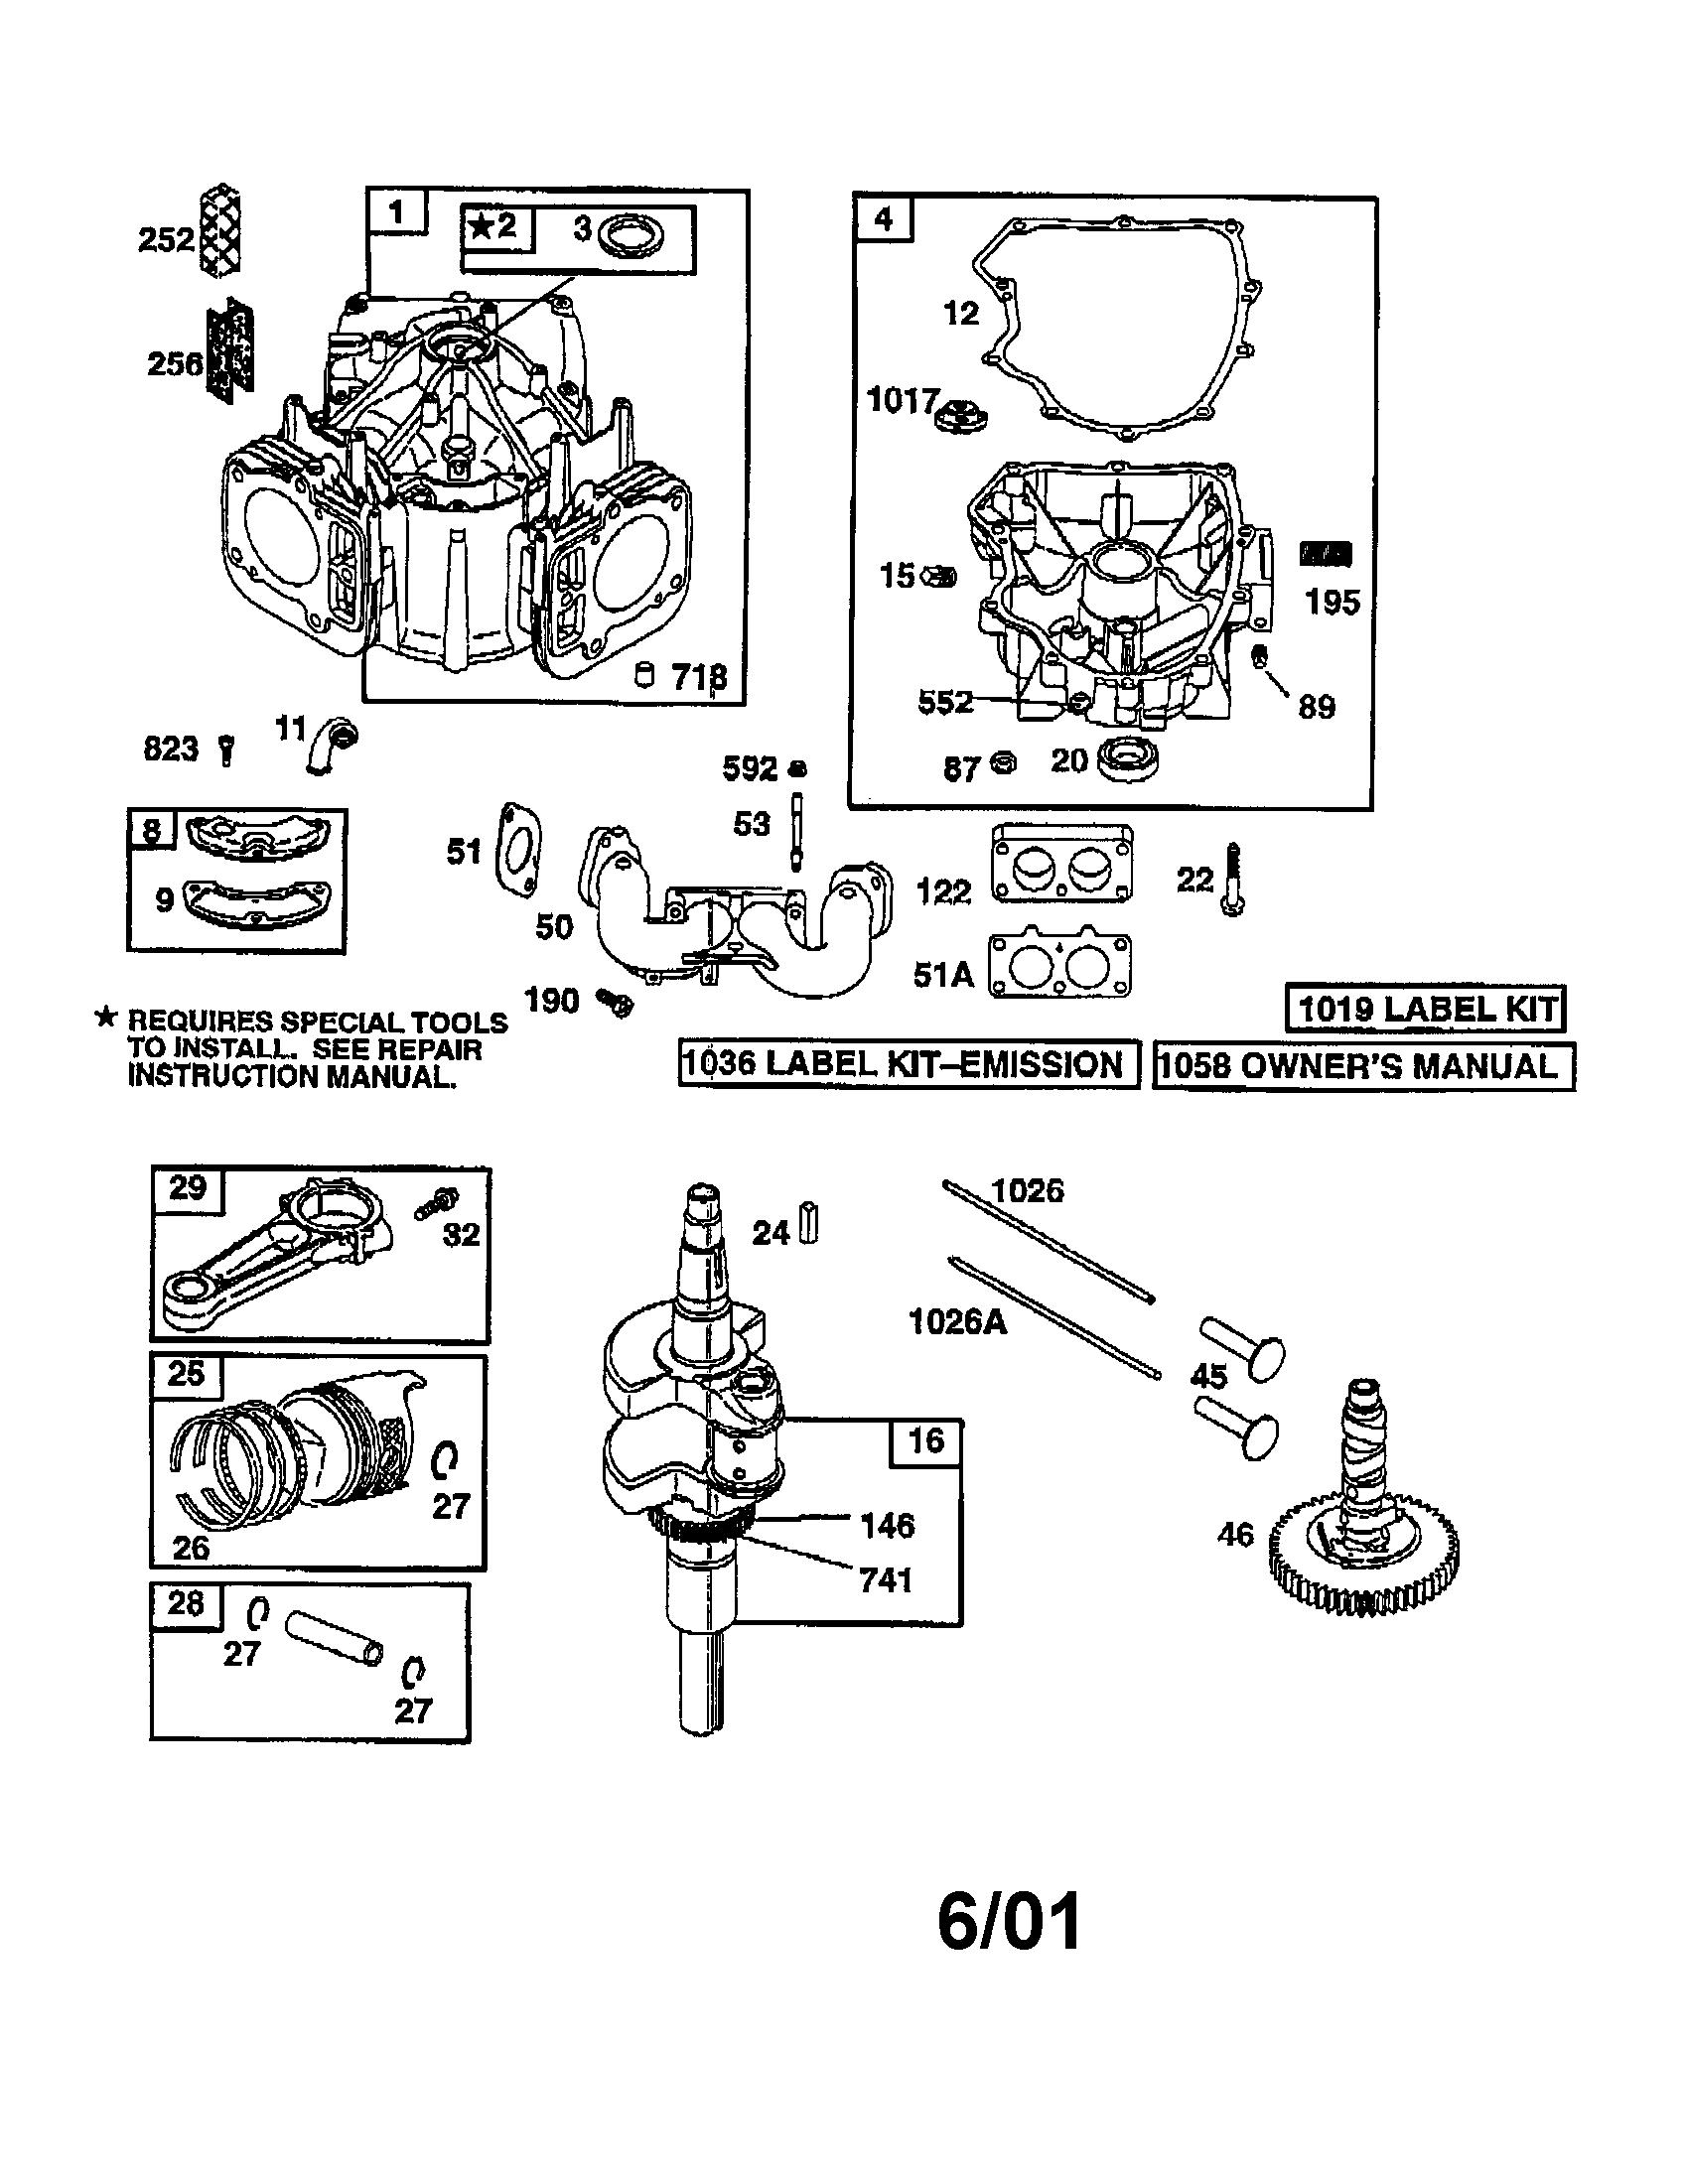 Briggs Stratton Engine Parts Model 4077770122e1